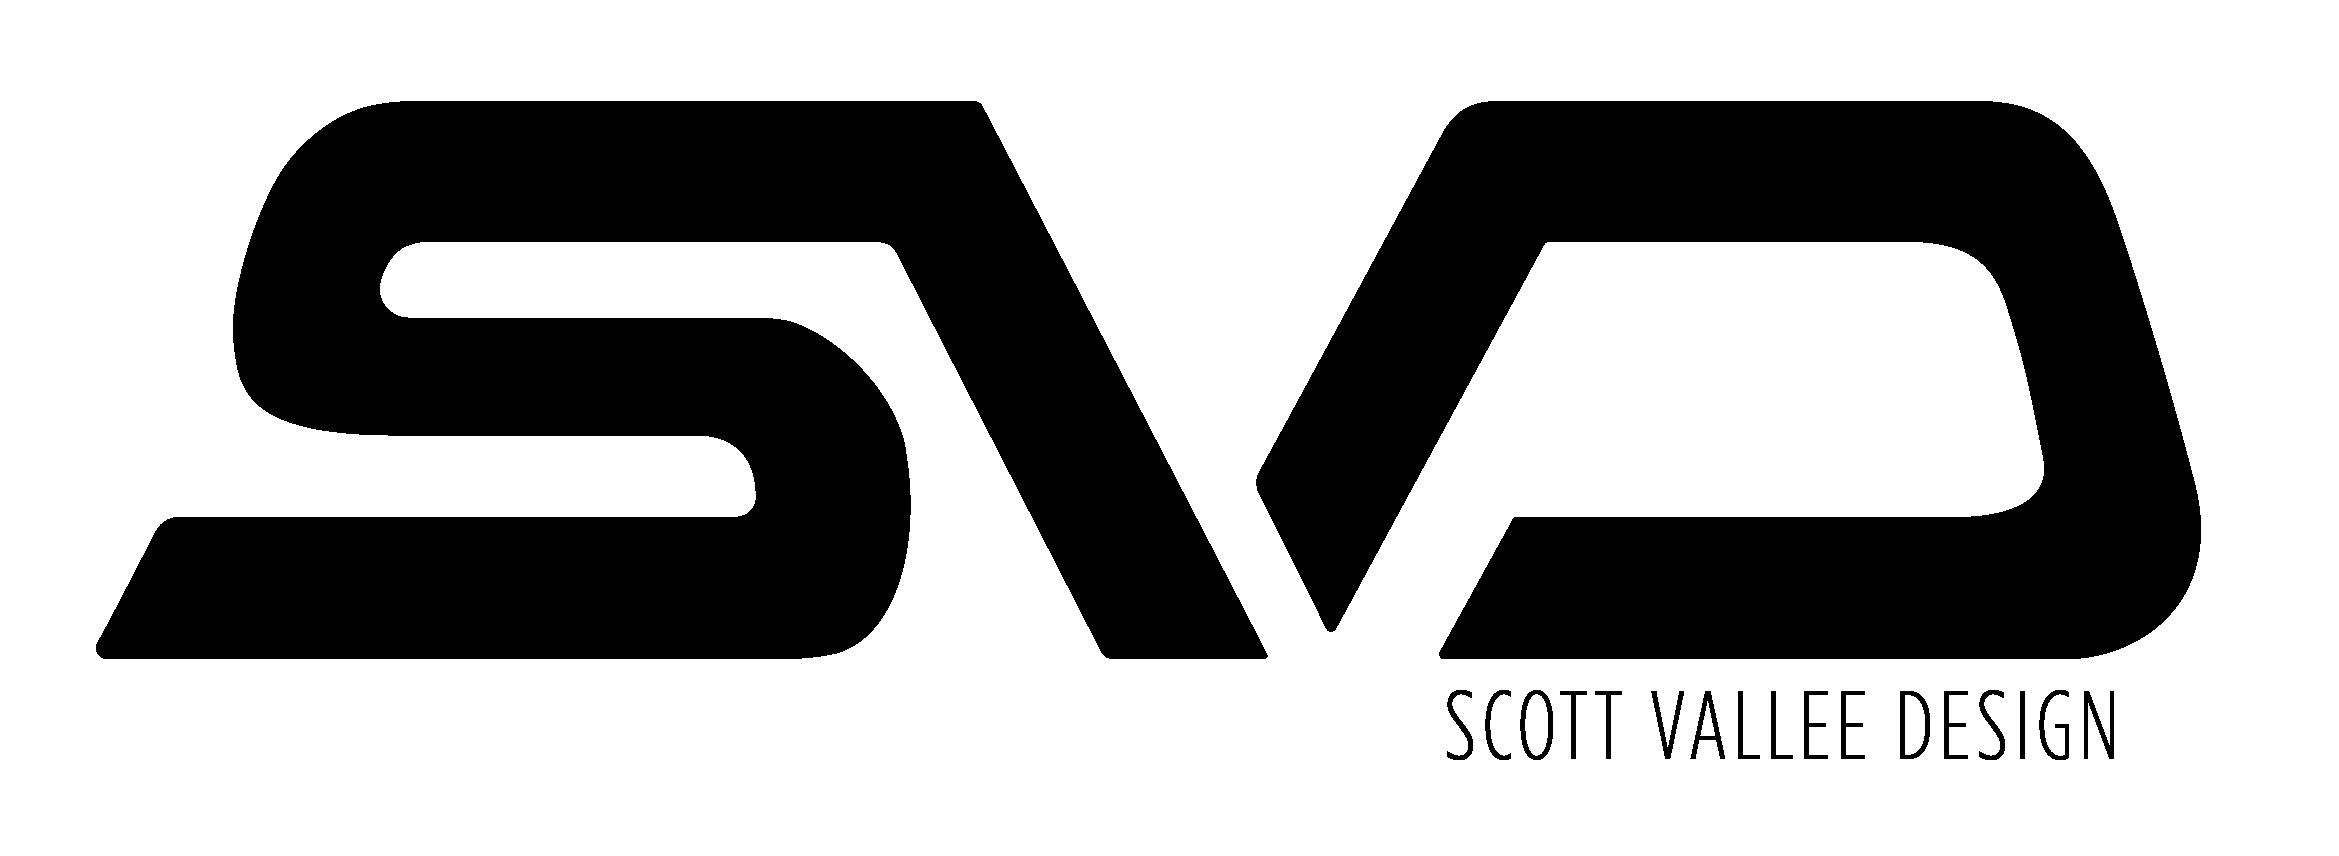 SVD logo v1_with copy-10.png